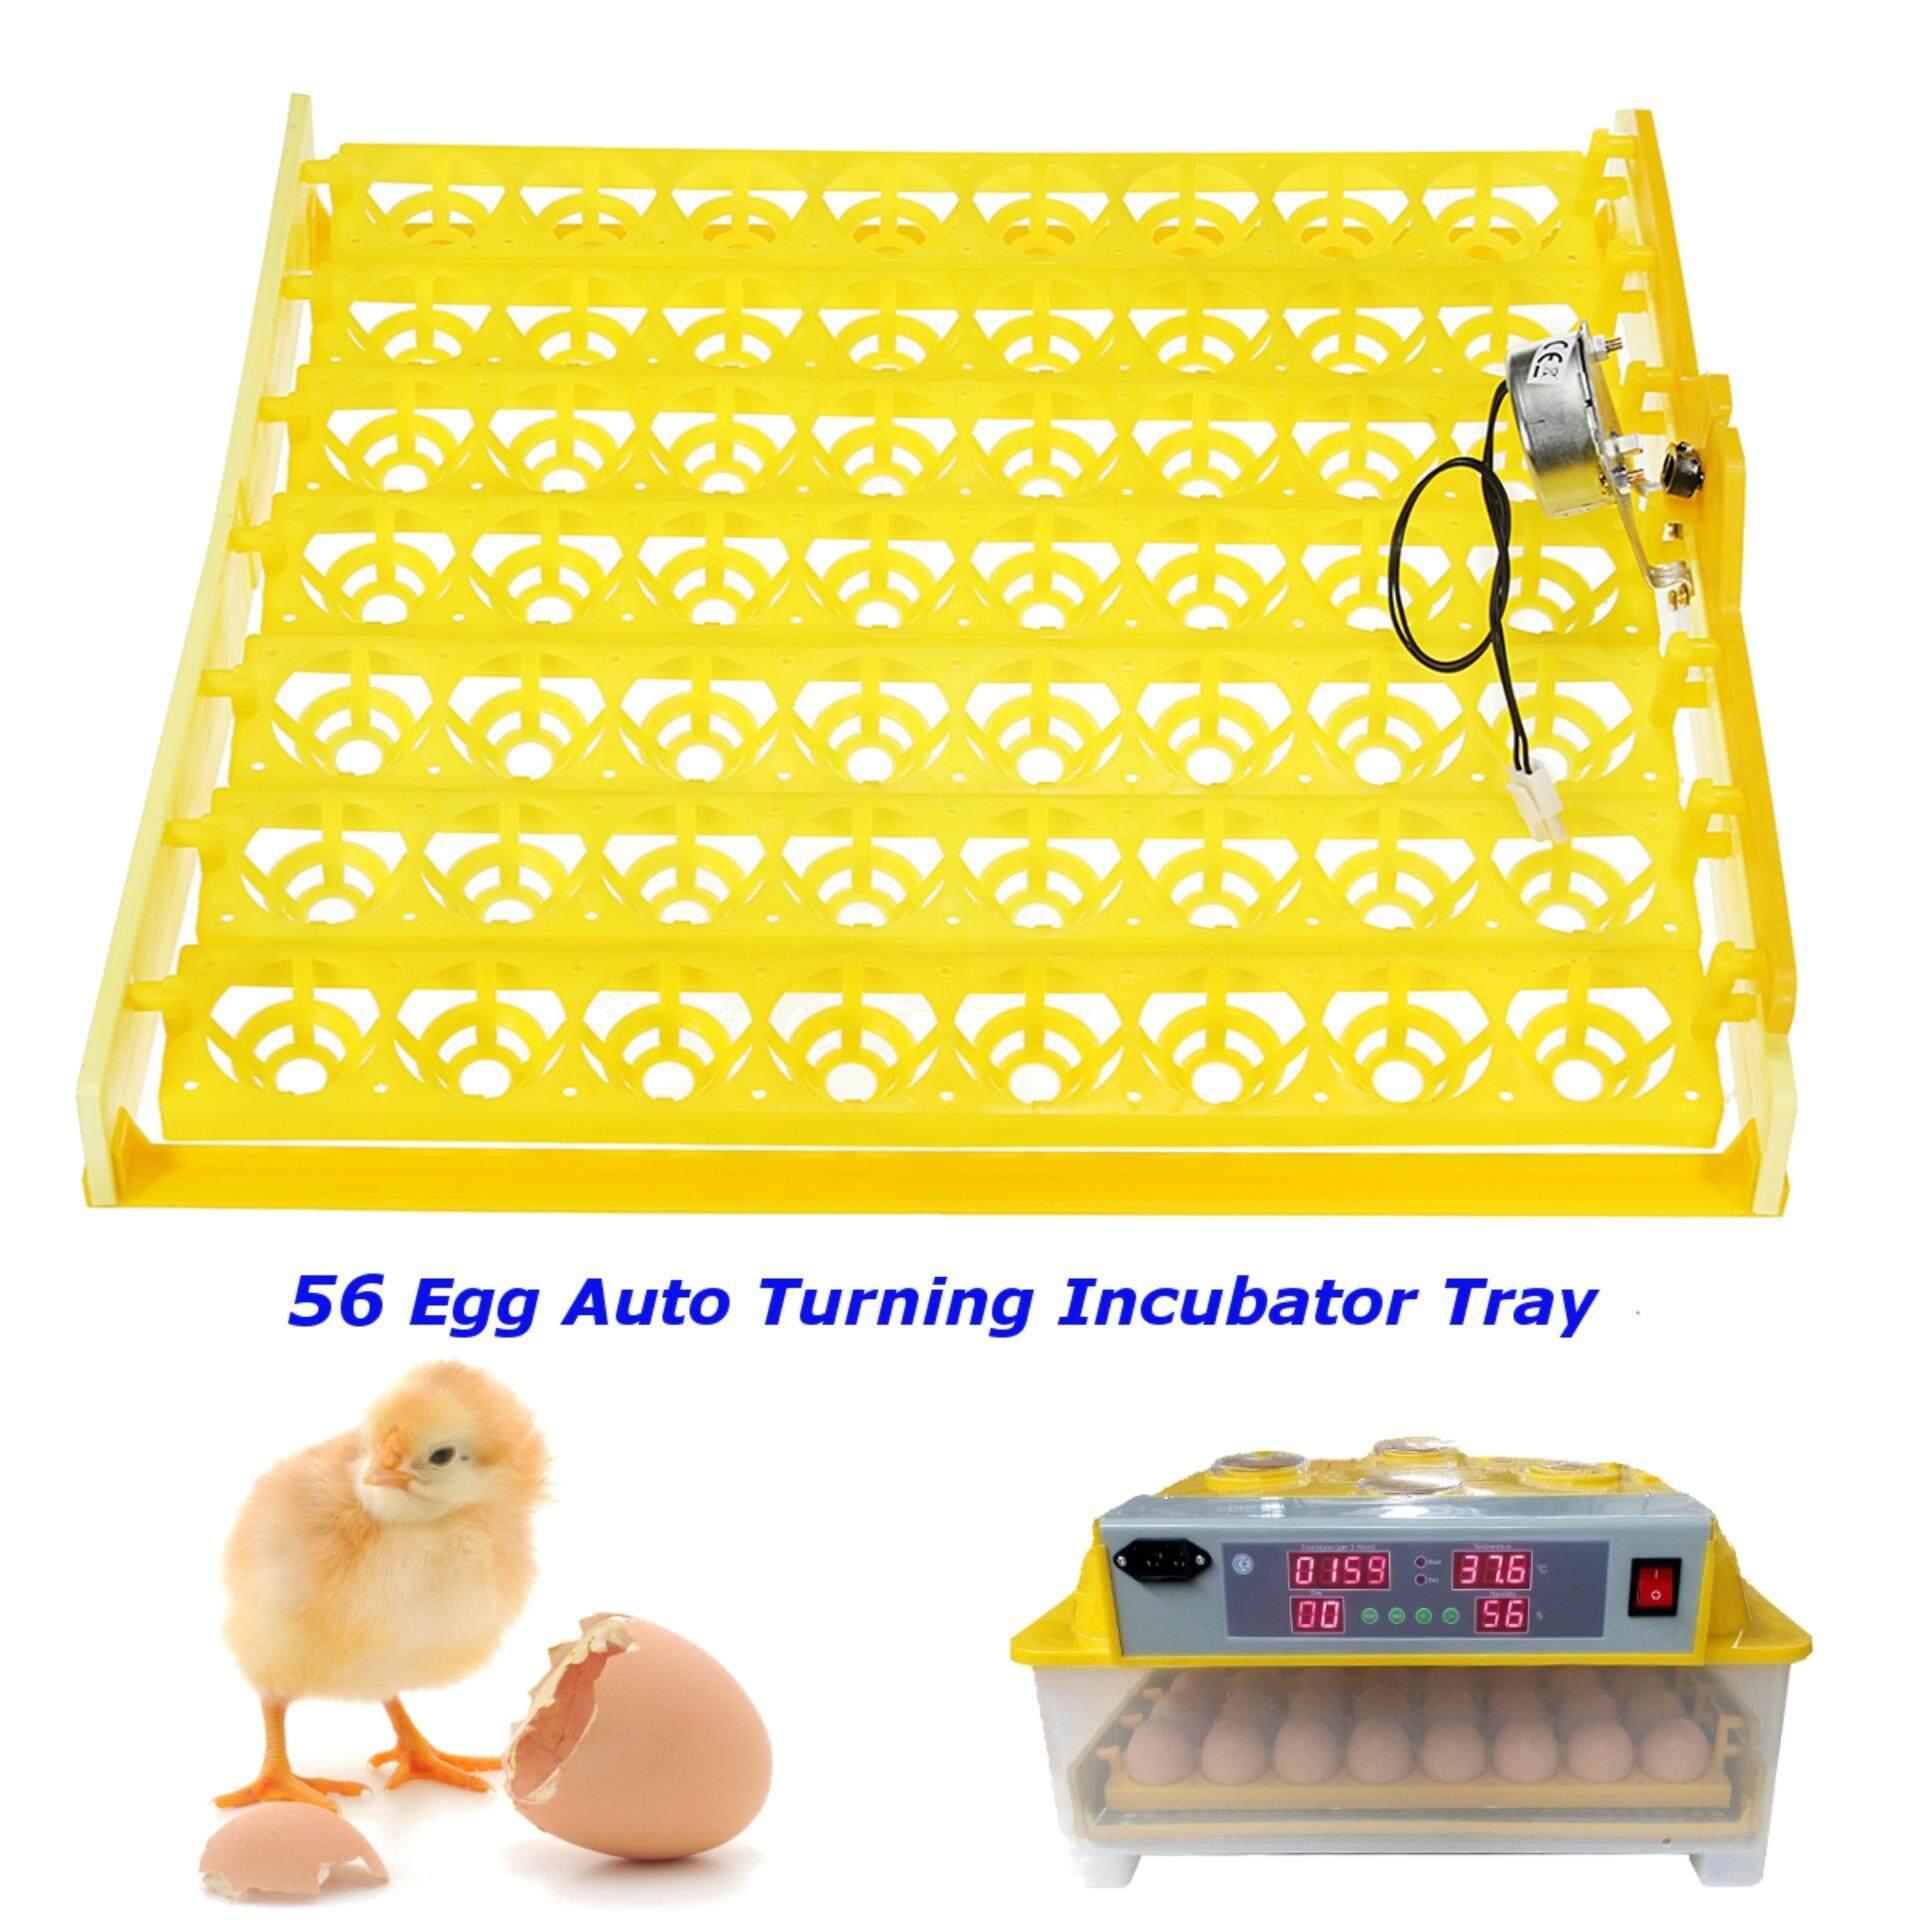 56 ไข่สัตว์ปีกเครื่องฟักไข่ไก่ Turner ถาดมอเตอร์หมุนอุณหภูมิควบคุม